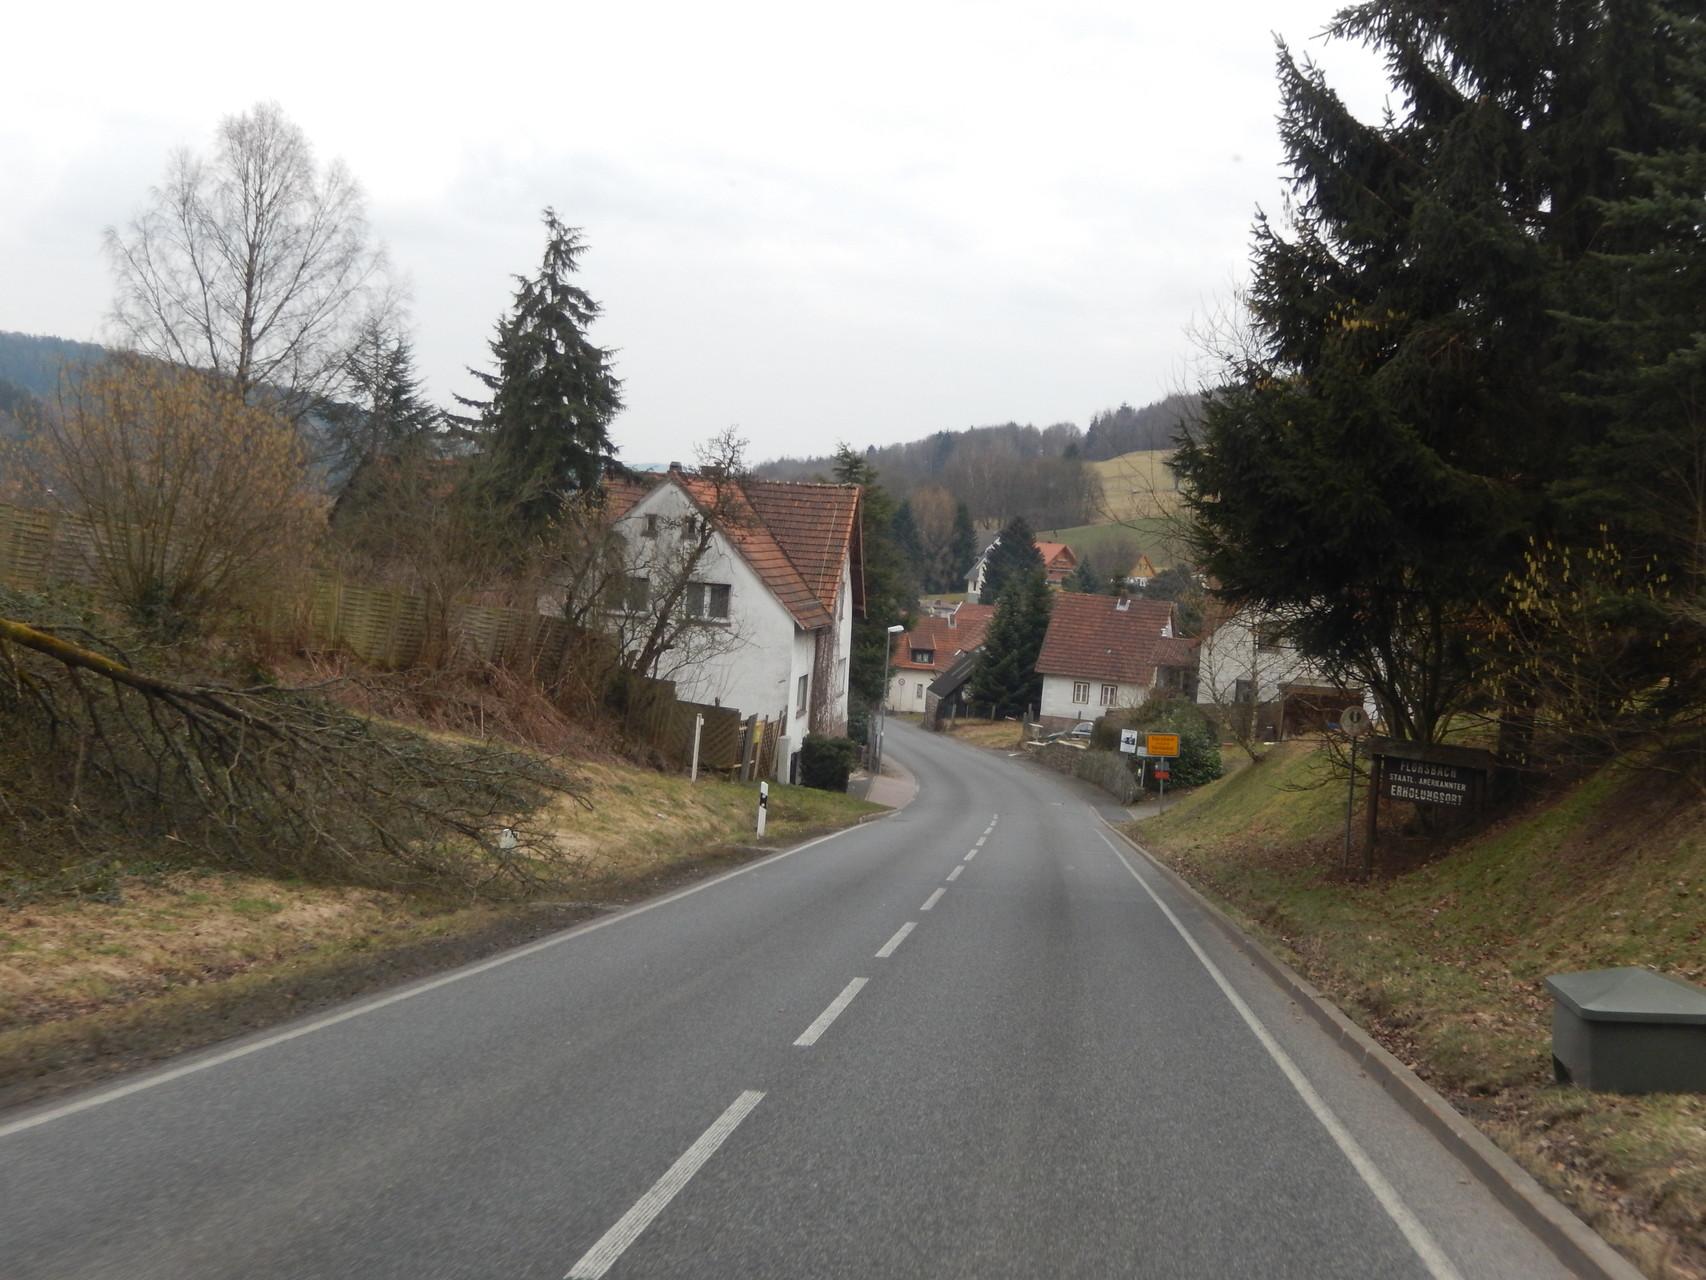 Wir kommen nach Flörsbach. Hier in der Nähe, in Lohrhaupten, ist ein schöner Stellplatz.